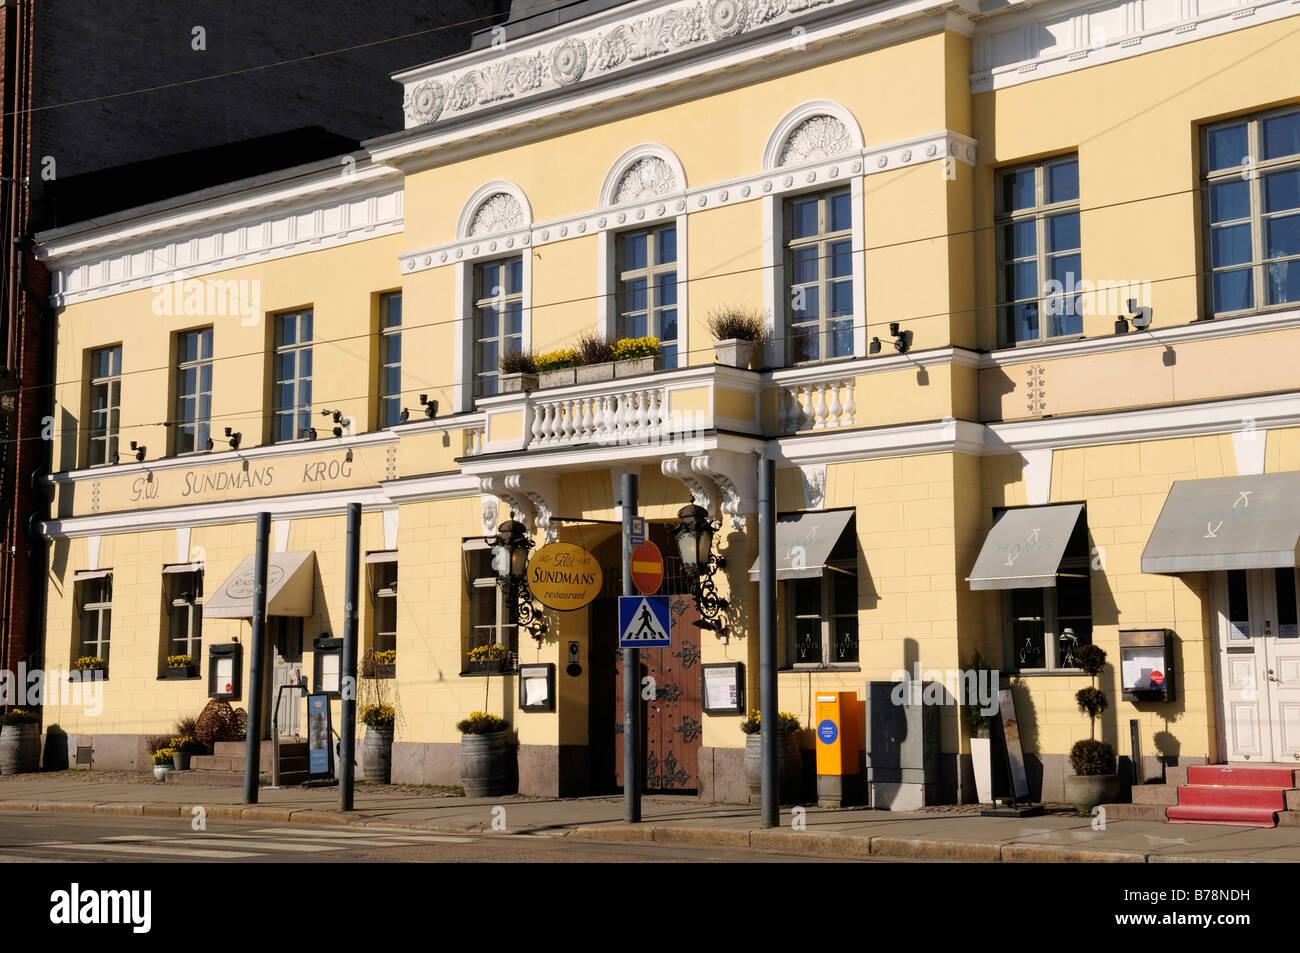 Sundmans Restaurant, Etelaeranta, Helsinki, Finland, Europe - Stock Image